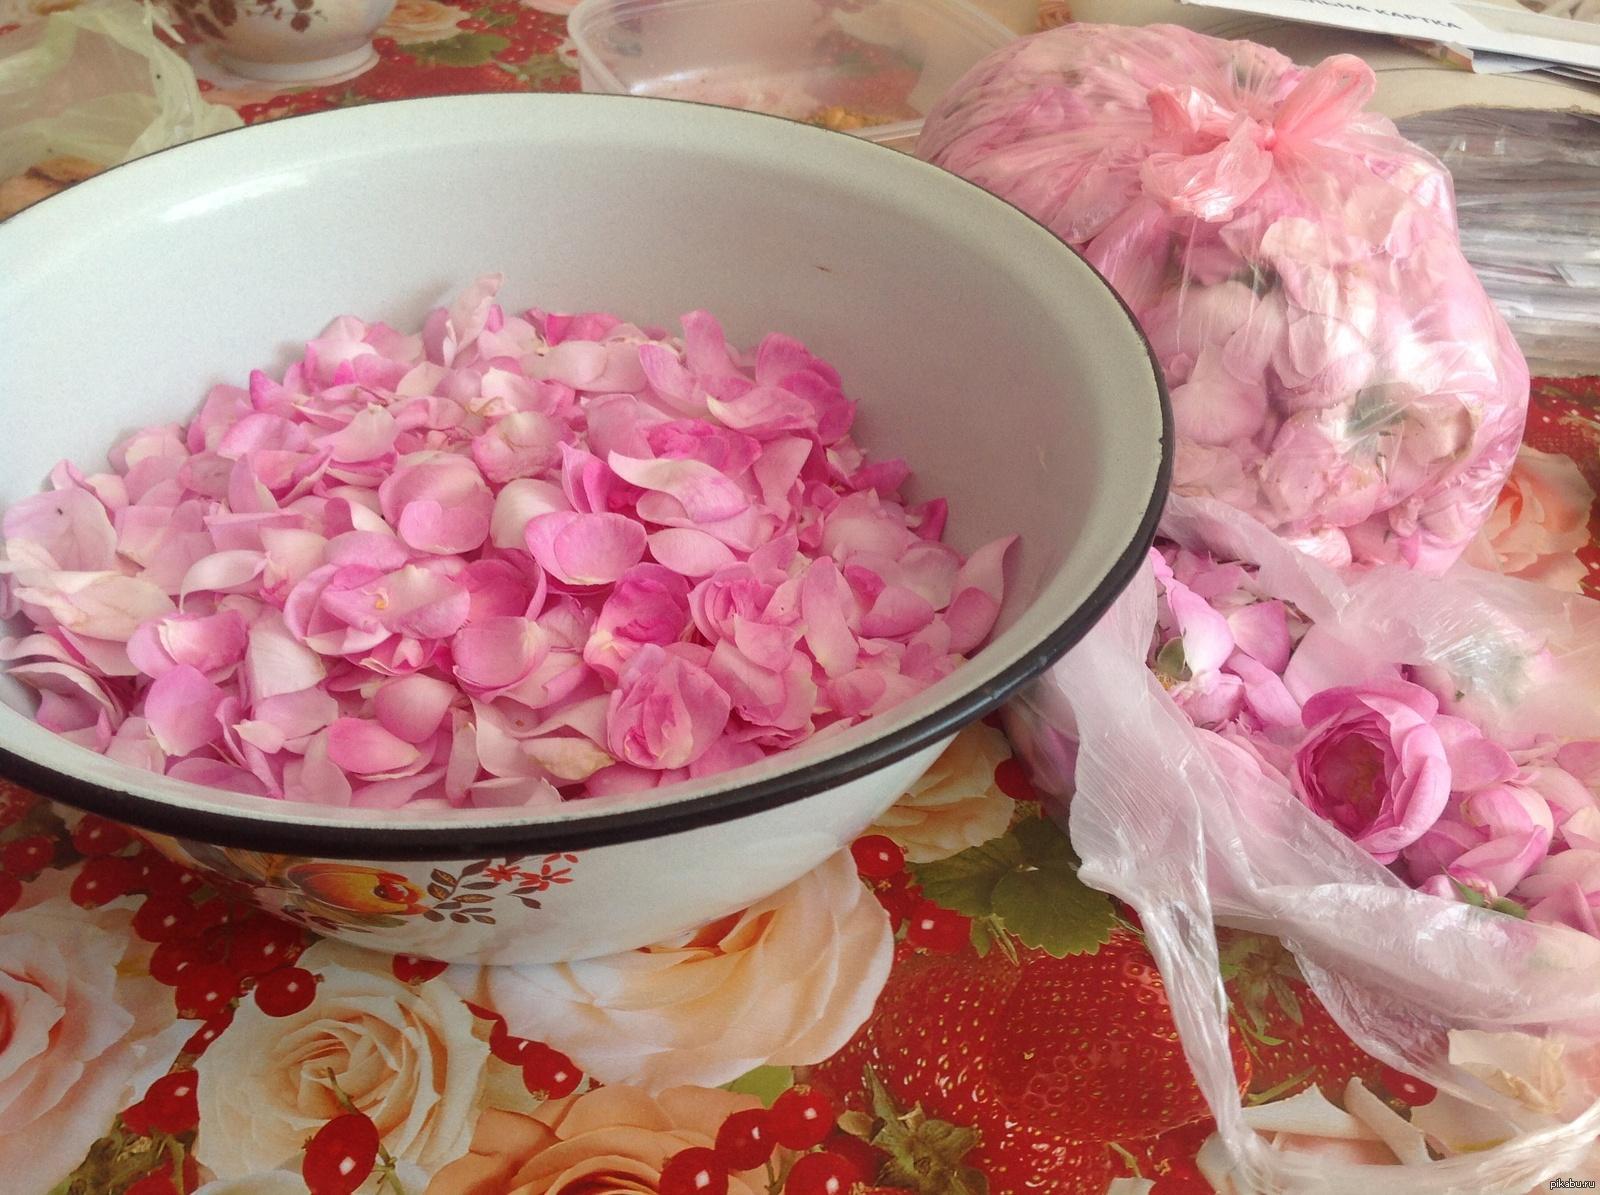 Рассмотрим самый распространенный рецепт приготовления вина из лепестков роз.